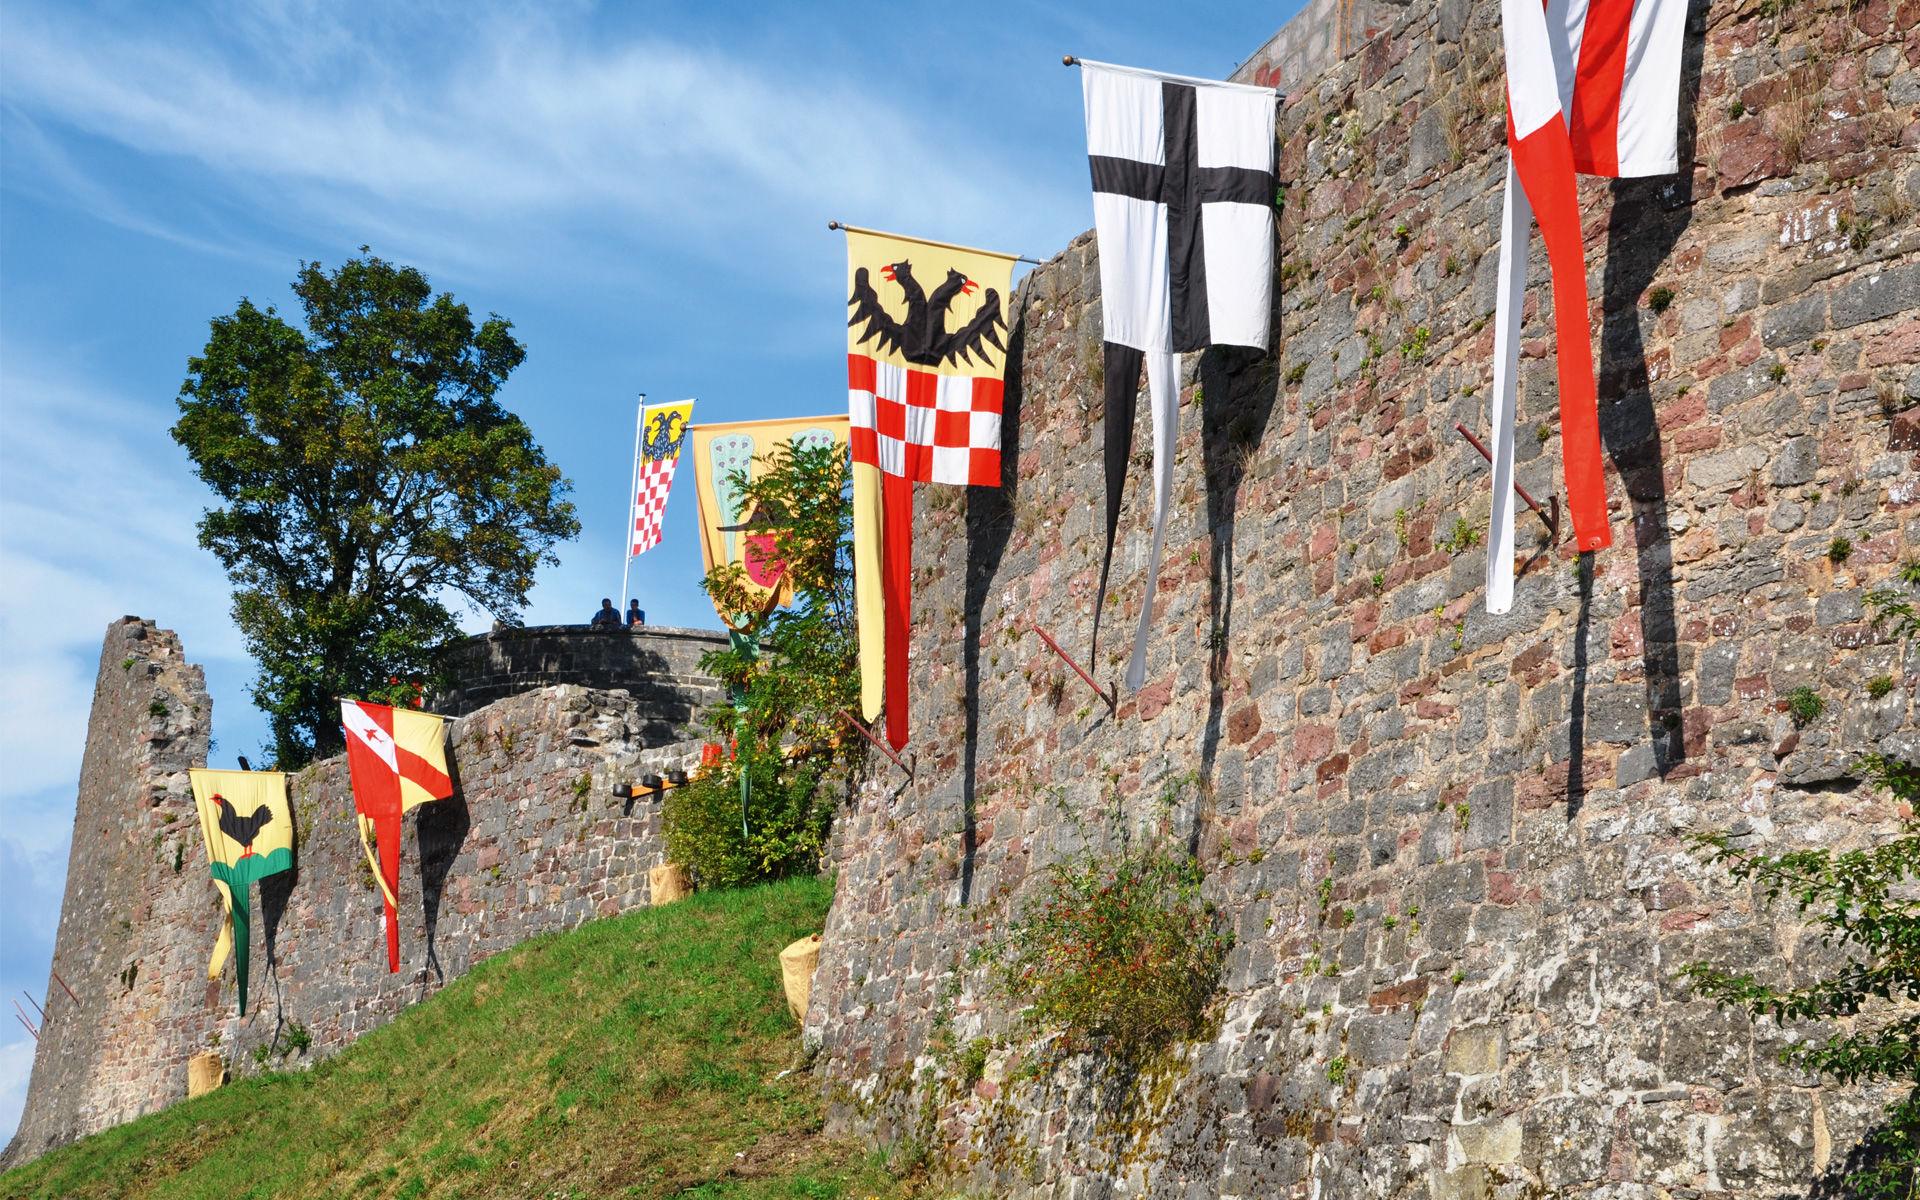 Foto der Mauern der Burgruine Botenlauben in Bad Kissingen